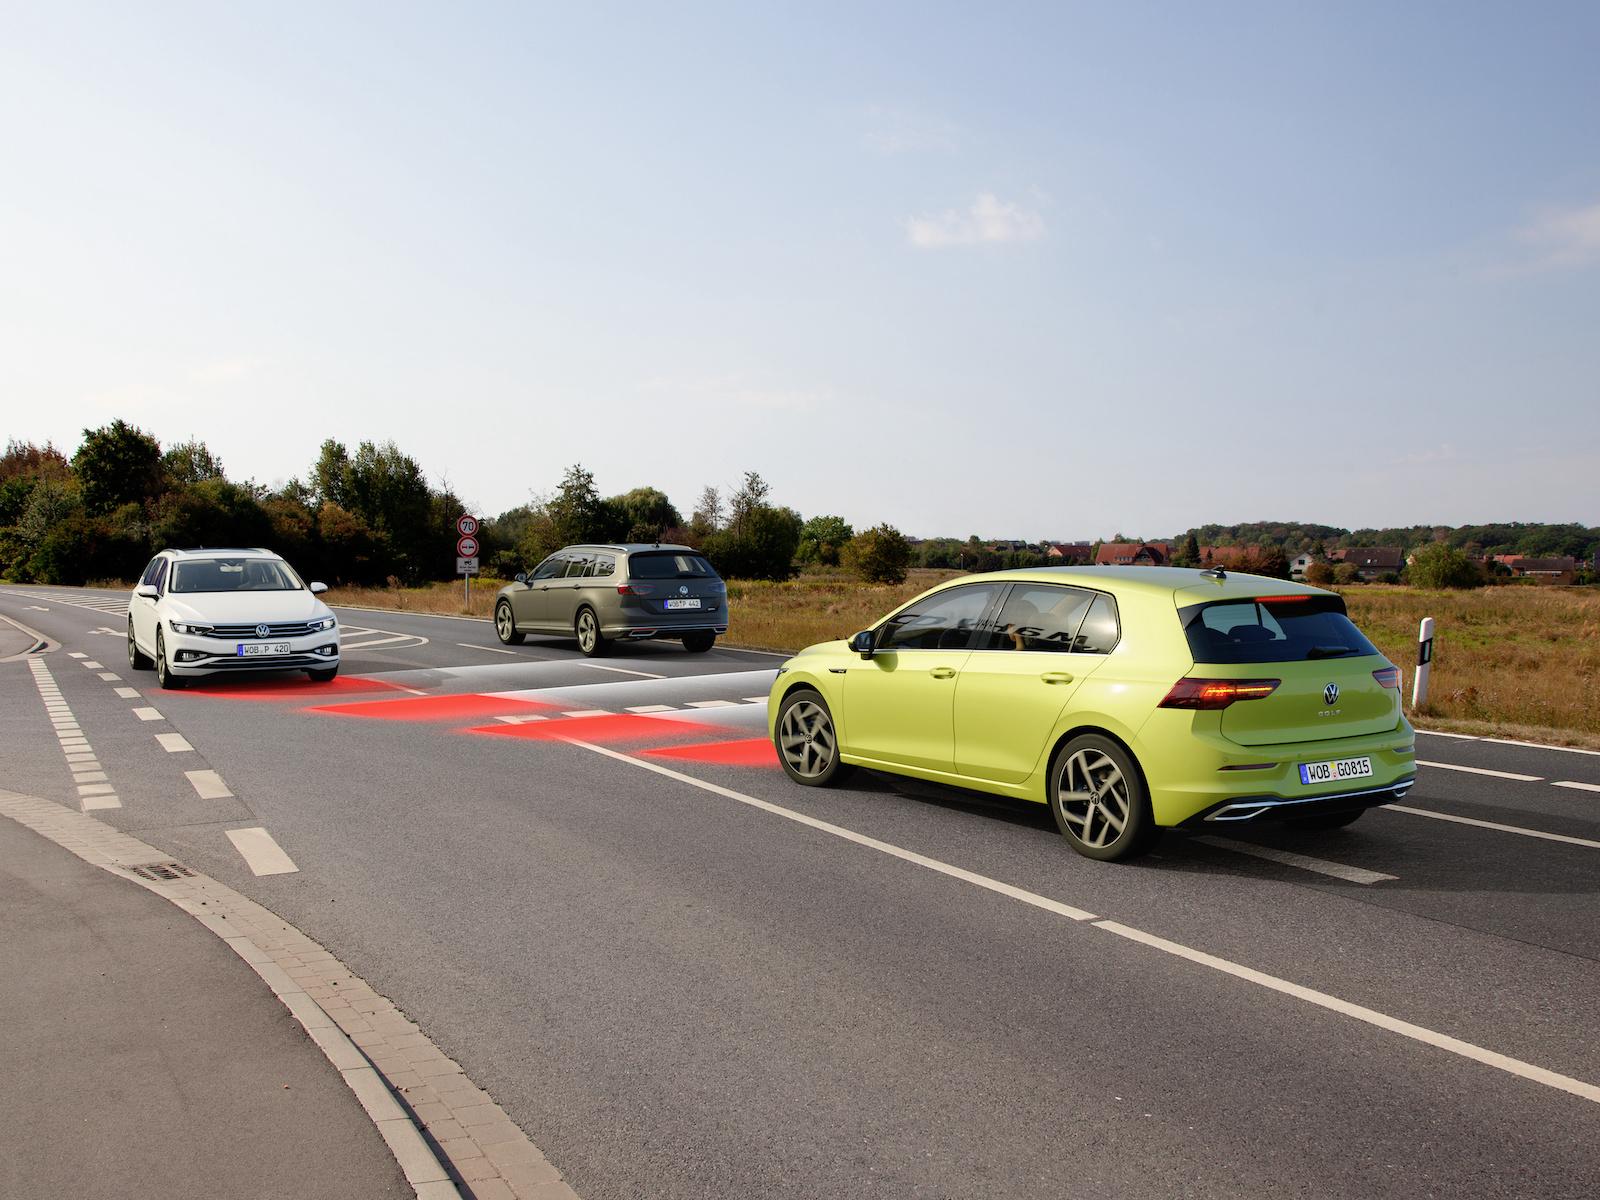 Moderna bilar blir allt mer datoriserade, vilket också driver upp efterfrågan på halvledare. Foto: Volkswagen